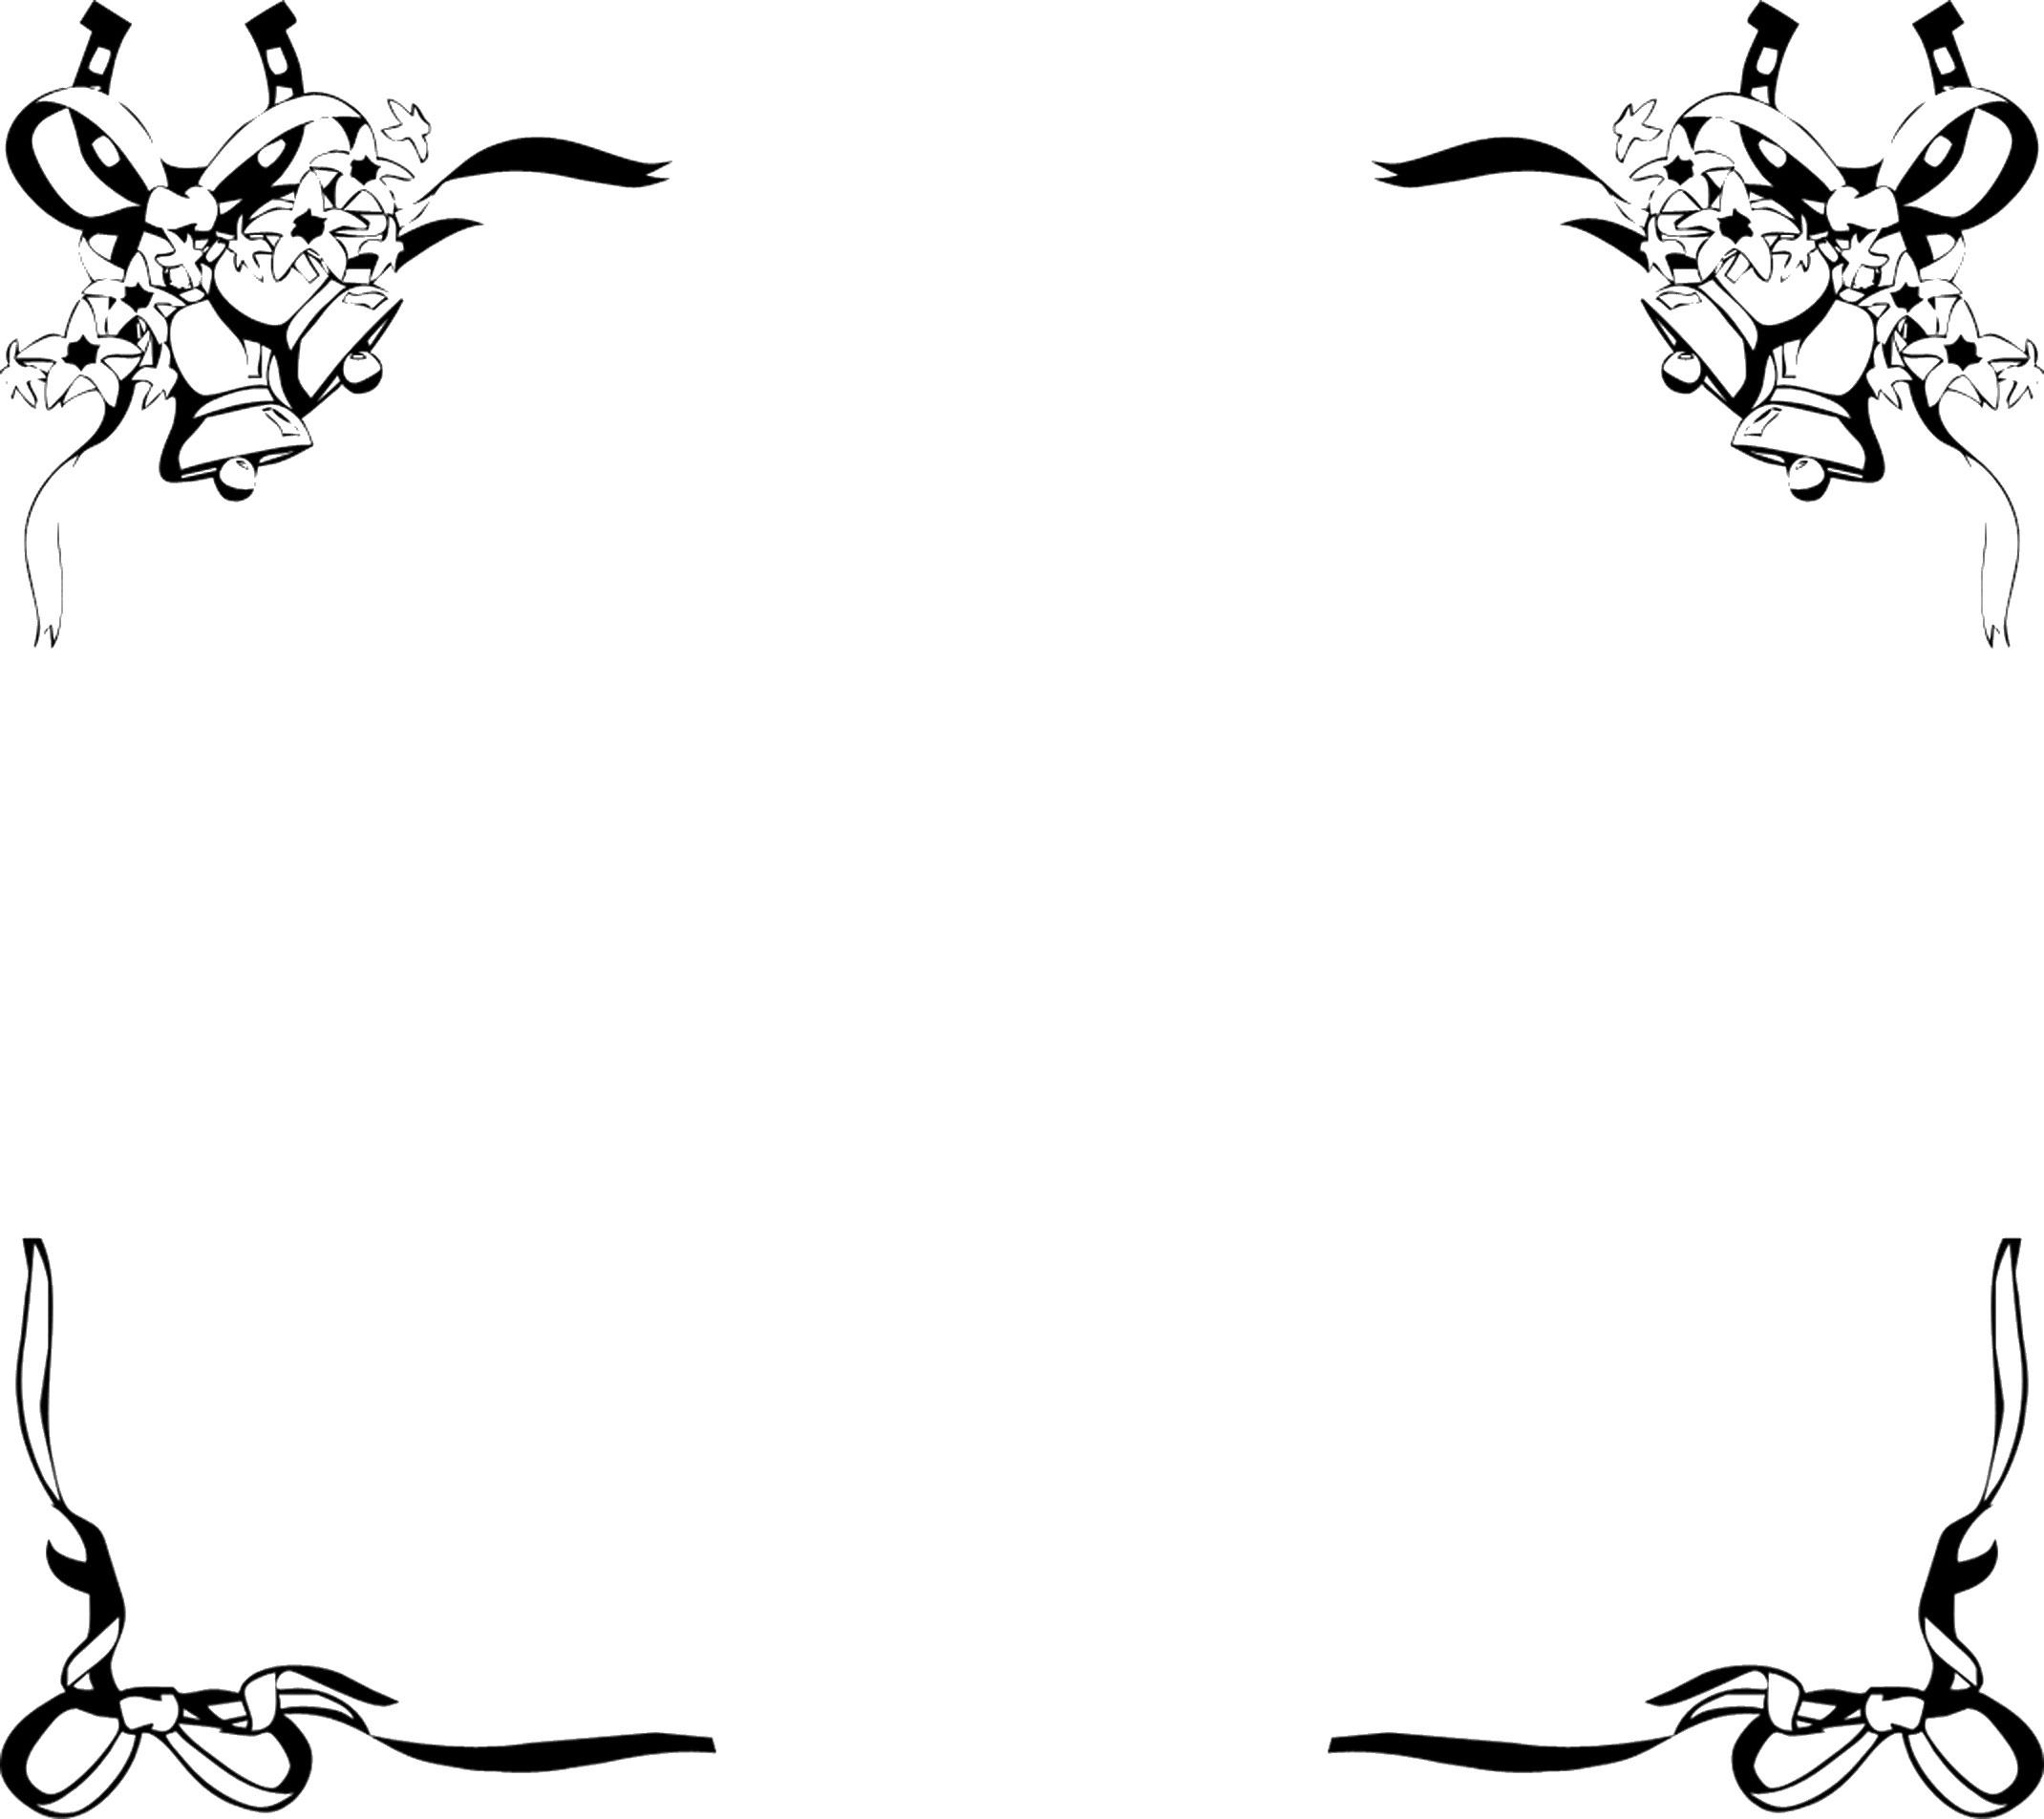 無料のフリー素材 - フレーム枠・タイトル「ベルとリボン」